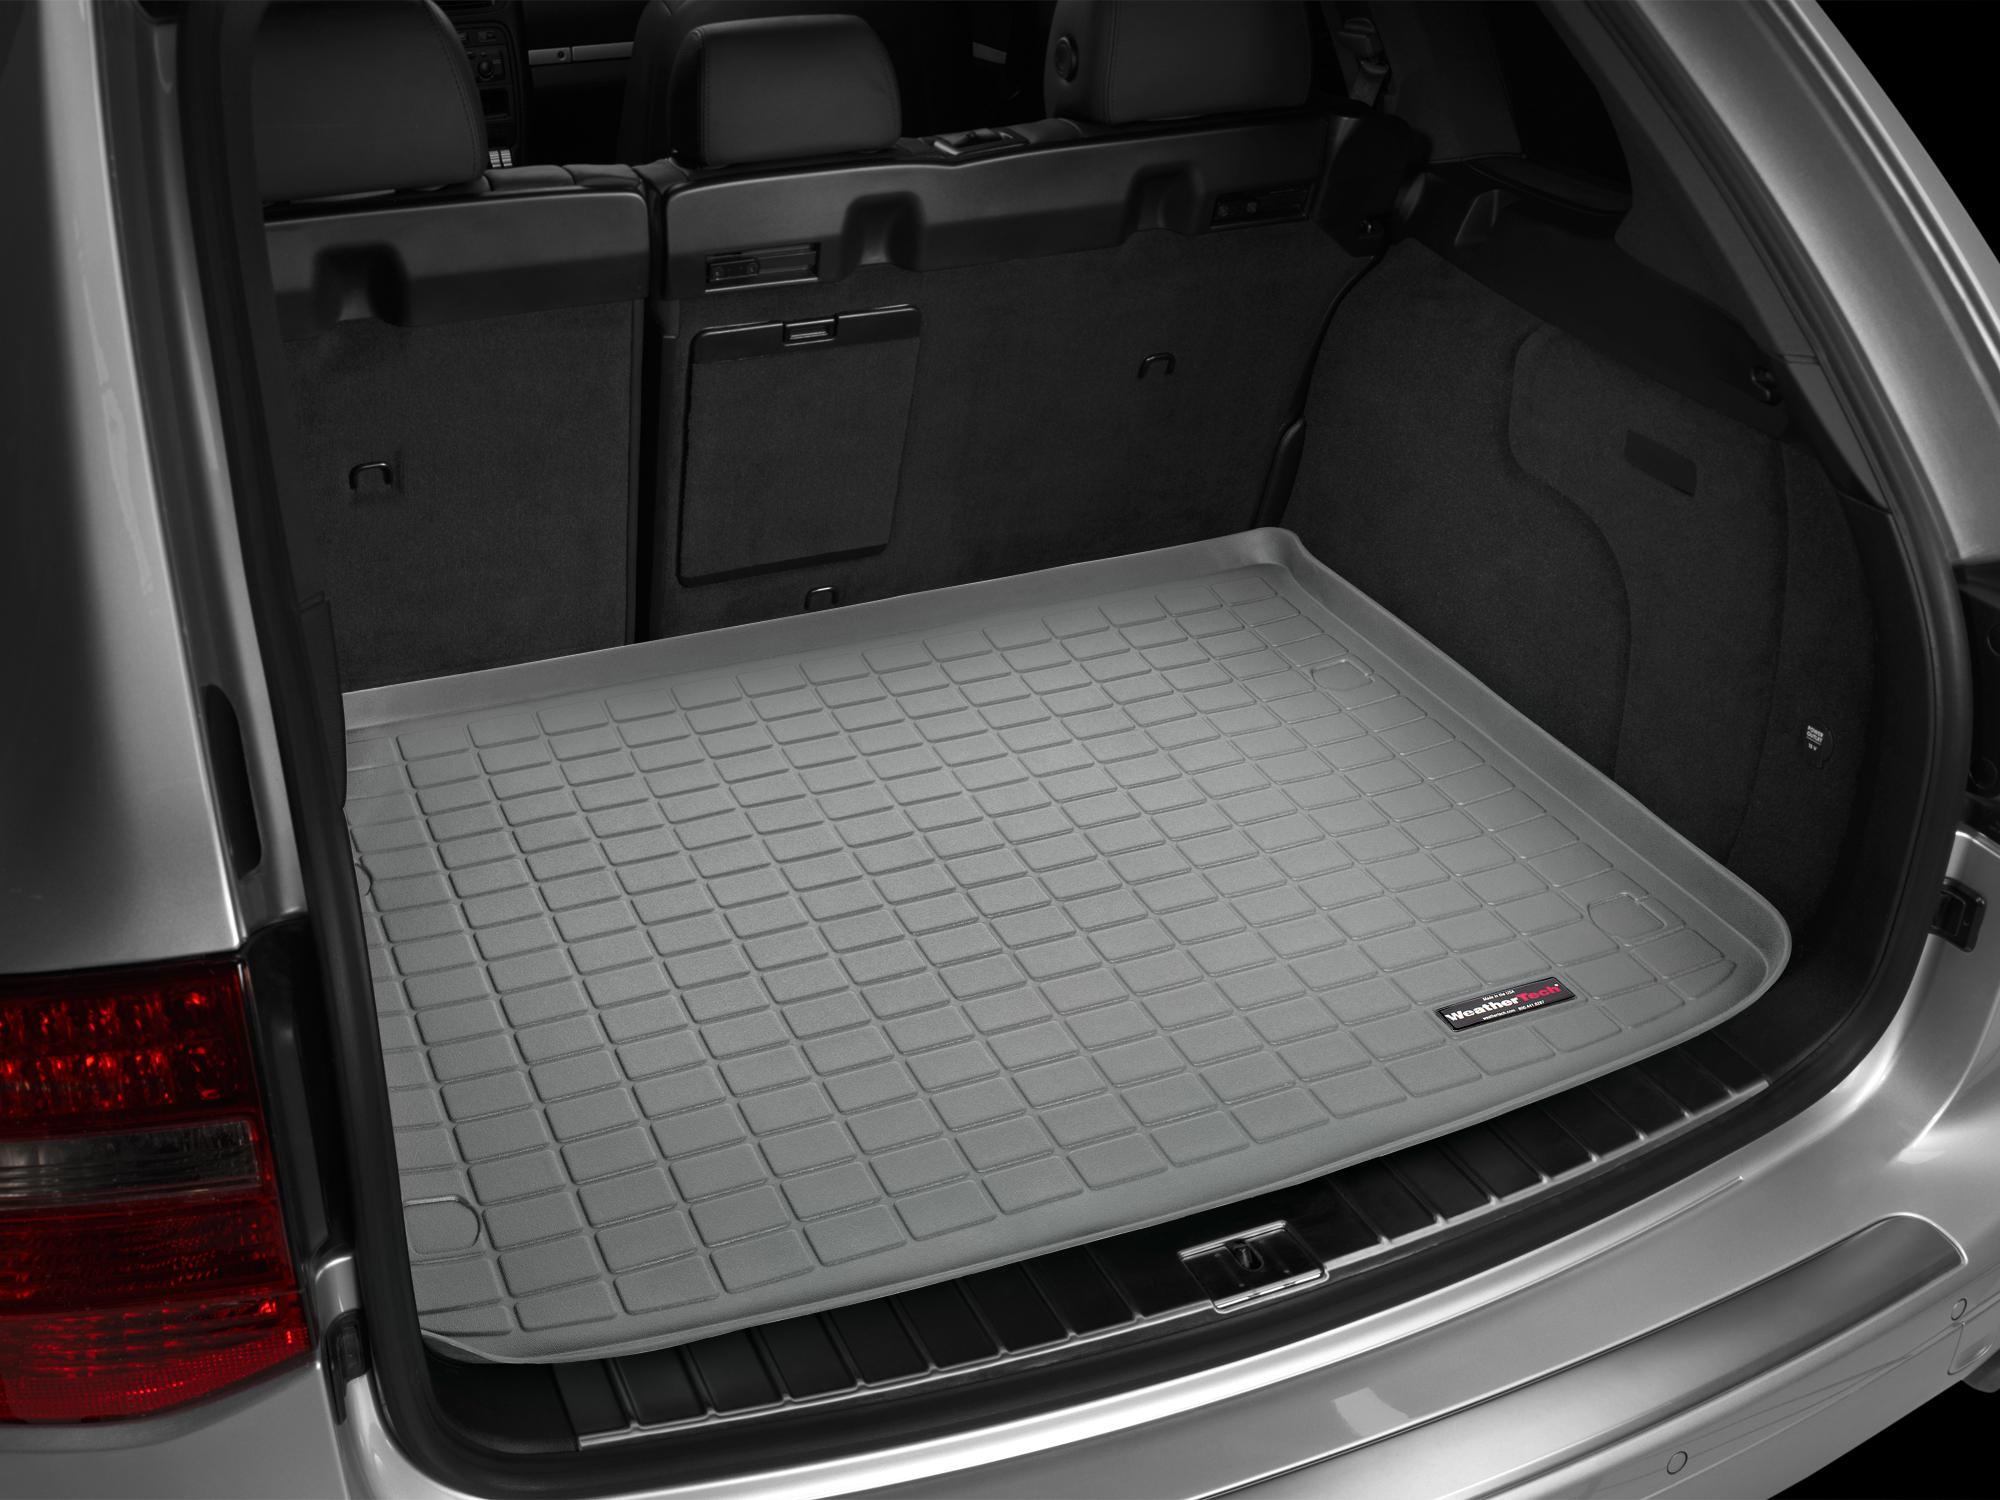 VW Touareg 2010>2010 Vasca baule Weathertech bagagliaio grigio *1429